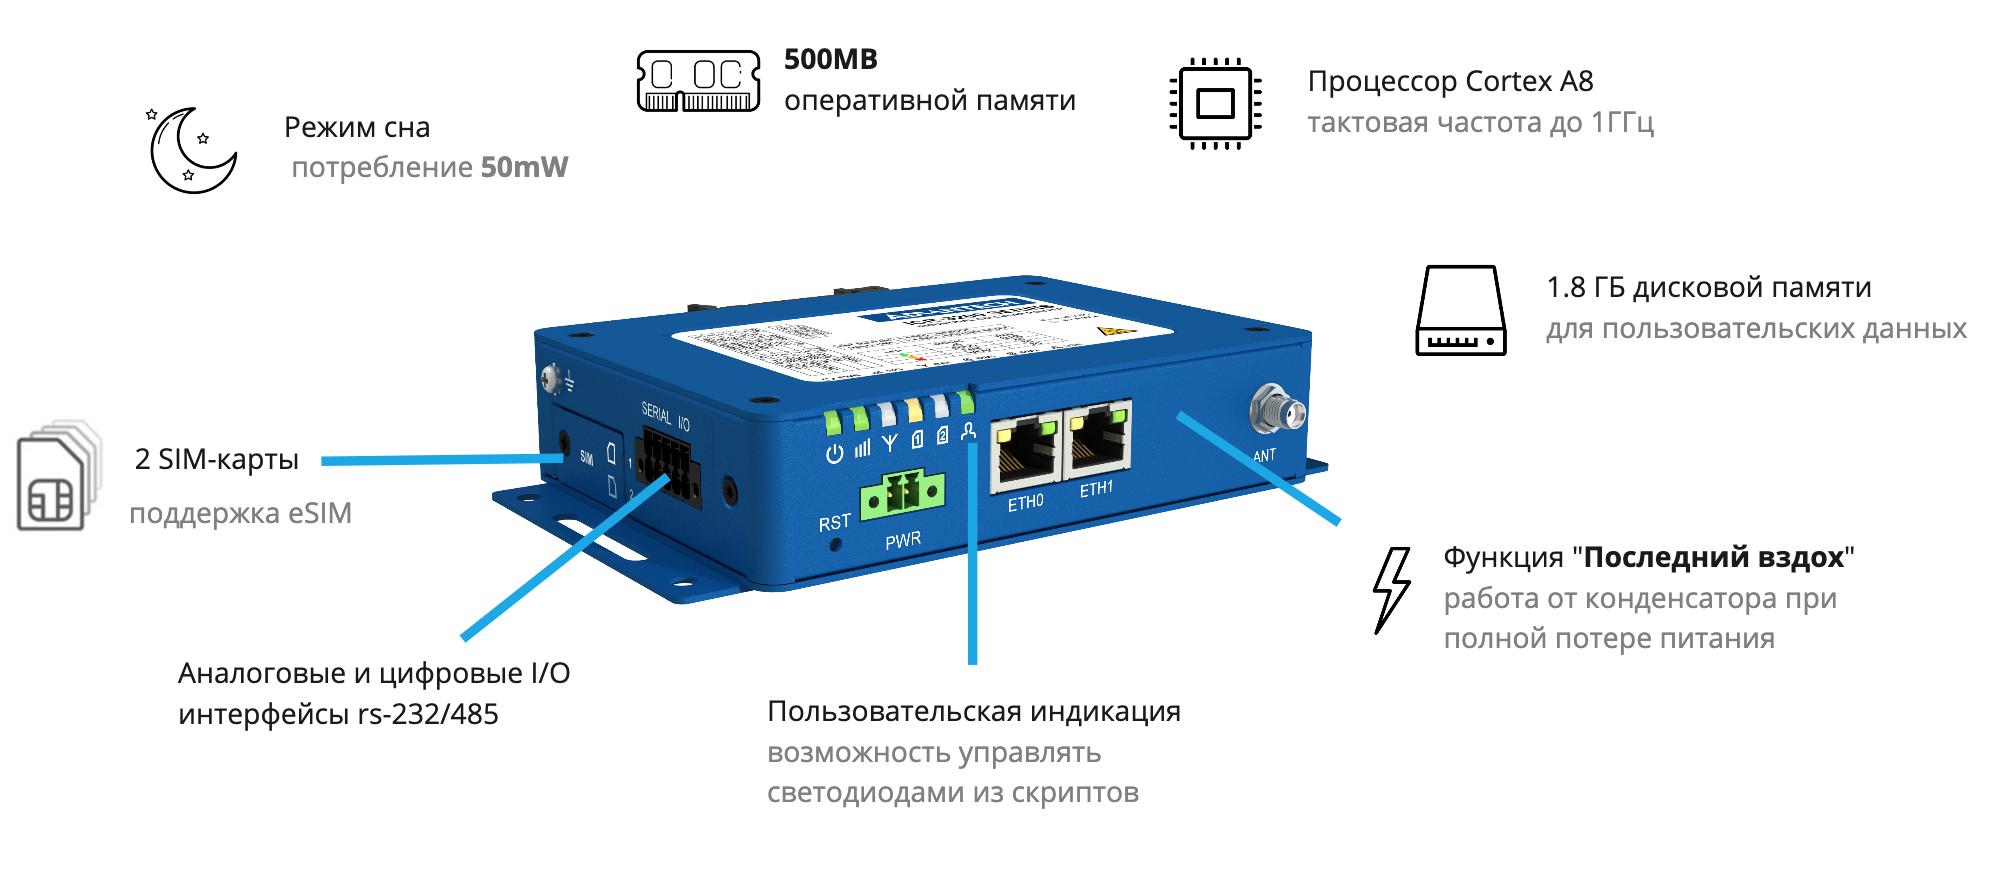 4G-роутер в роли универсального сервера для IoT - 1